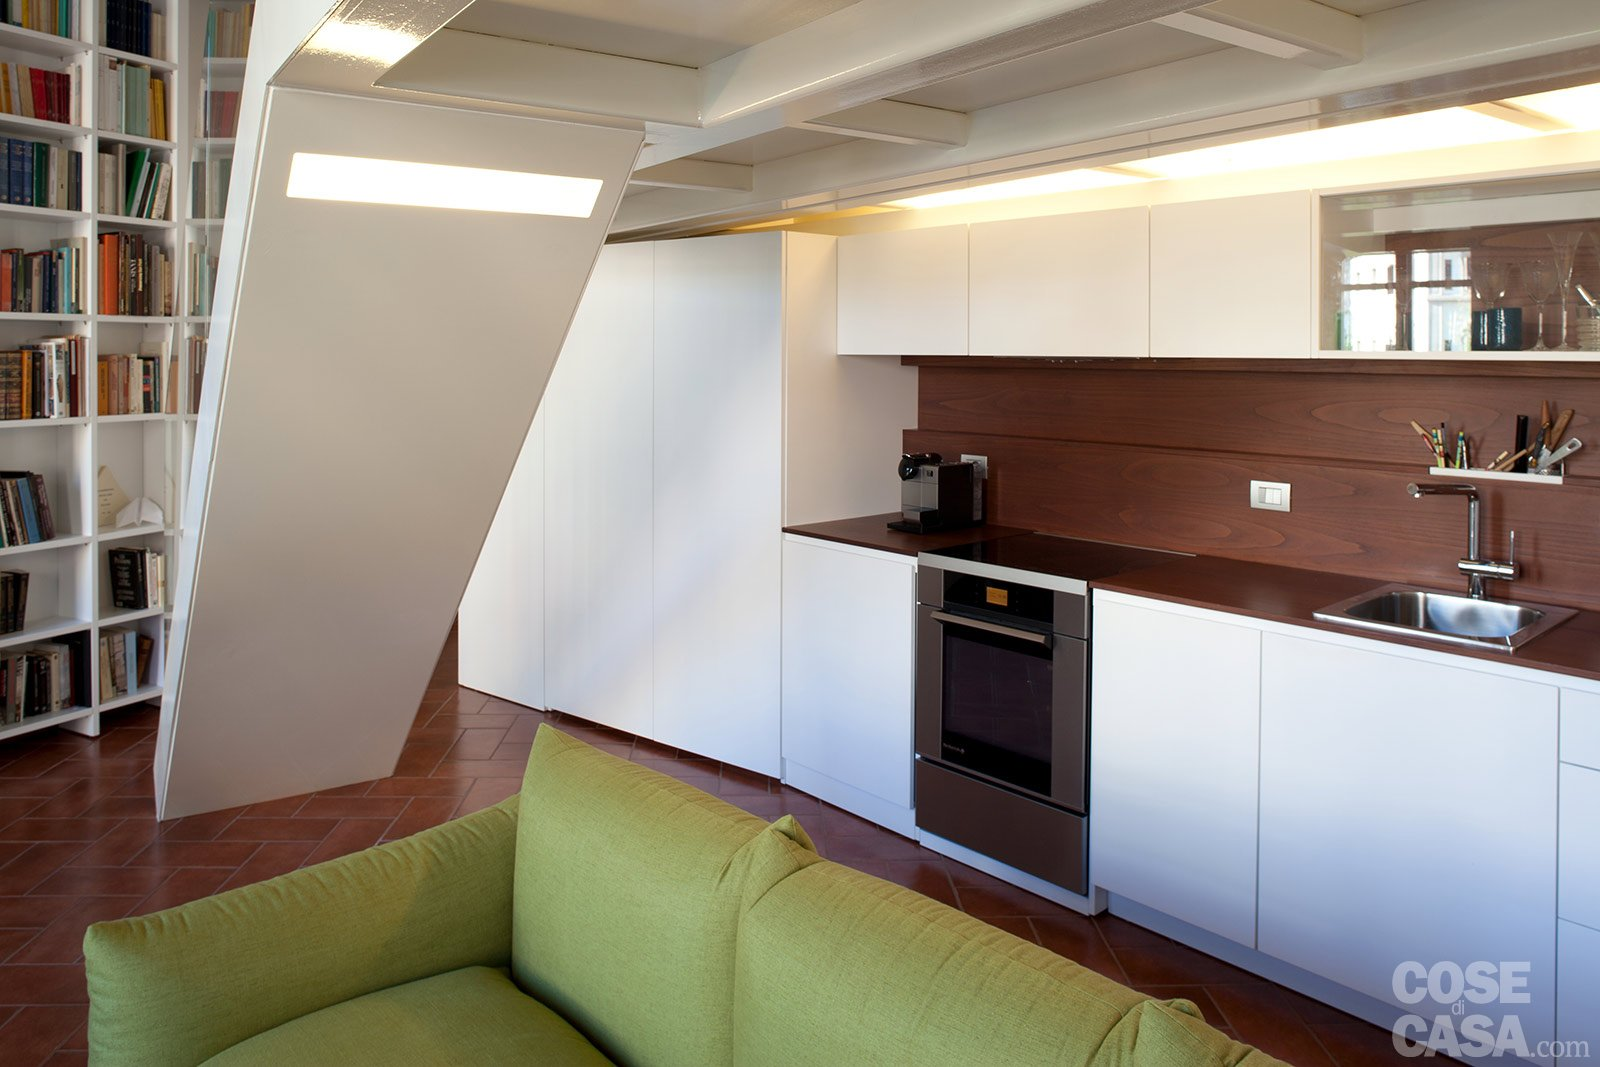 Un monolocale ampliato in altezza cose di casa for Piani di casa sotto 100k da costruire